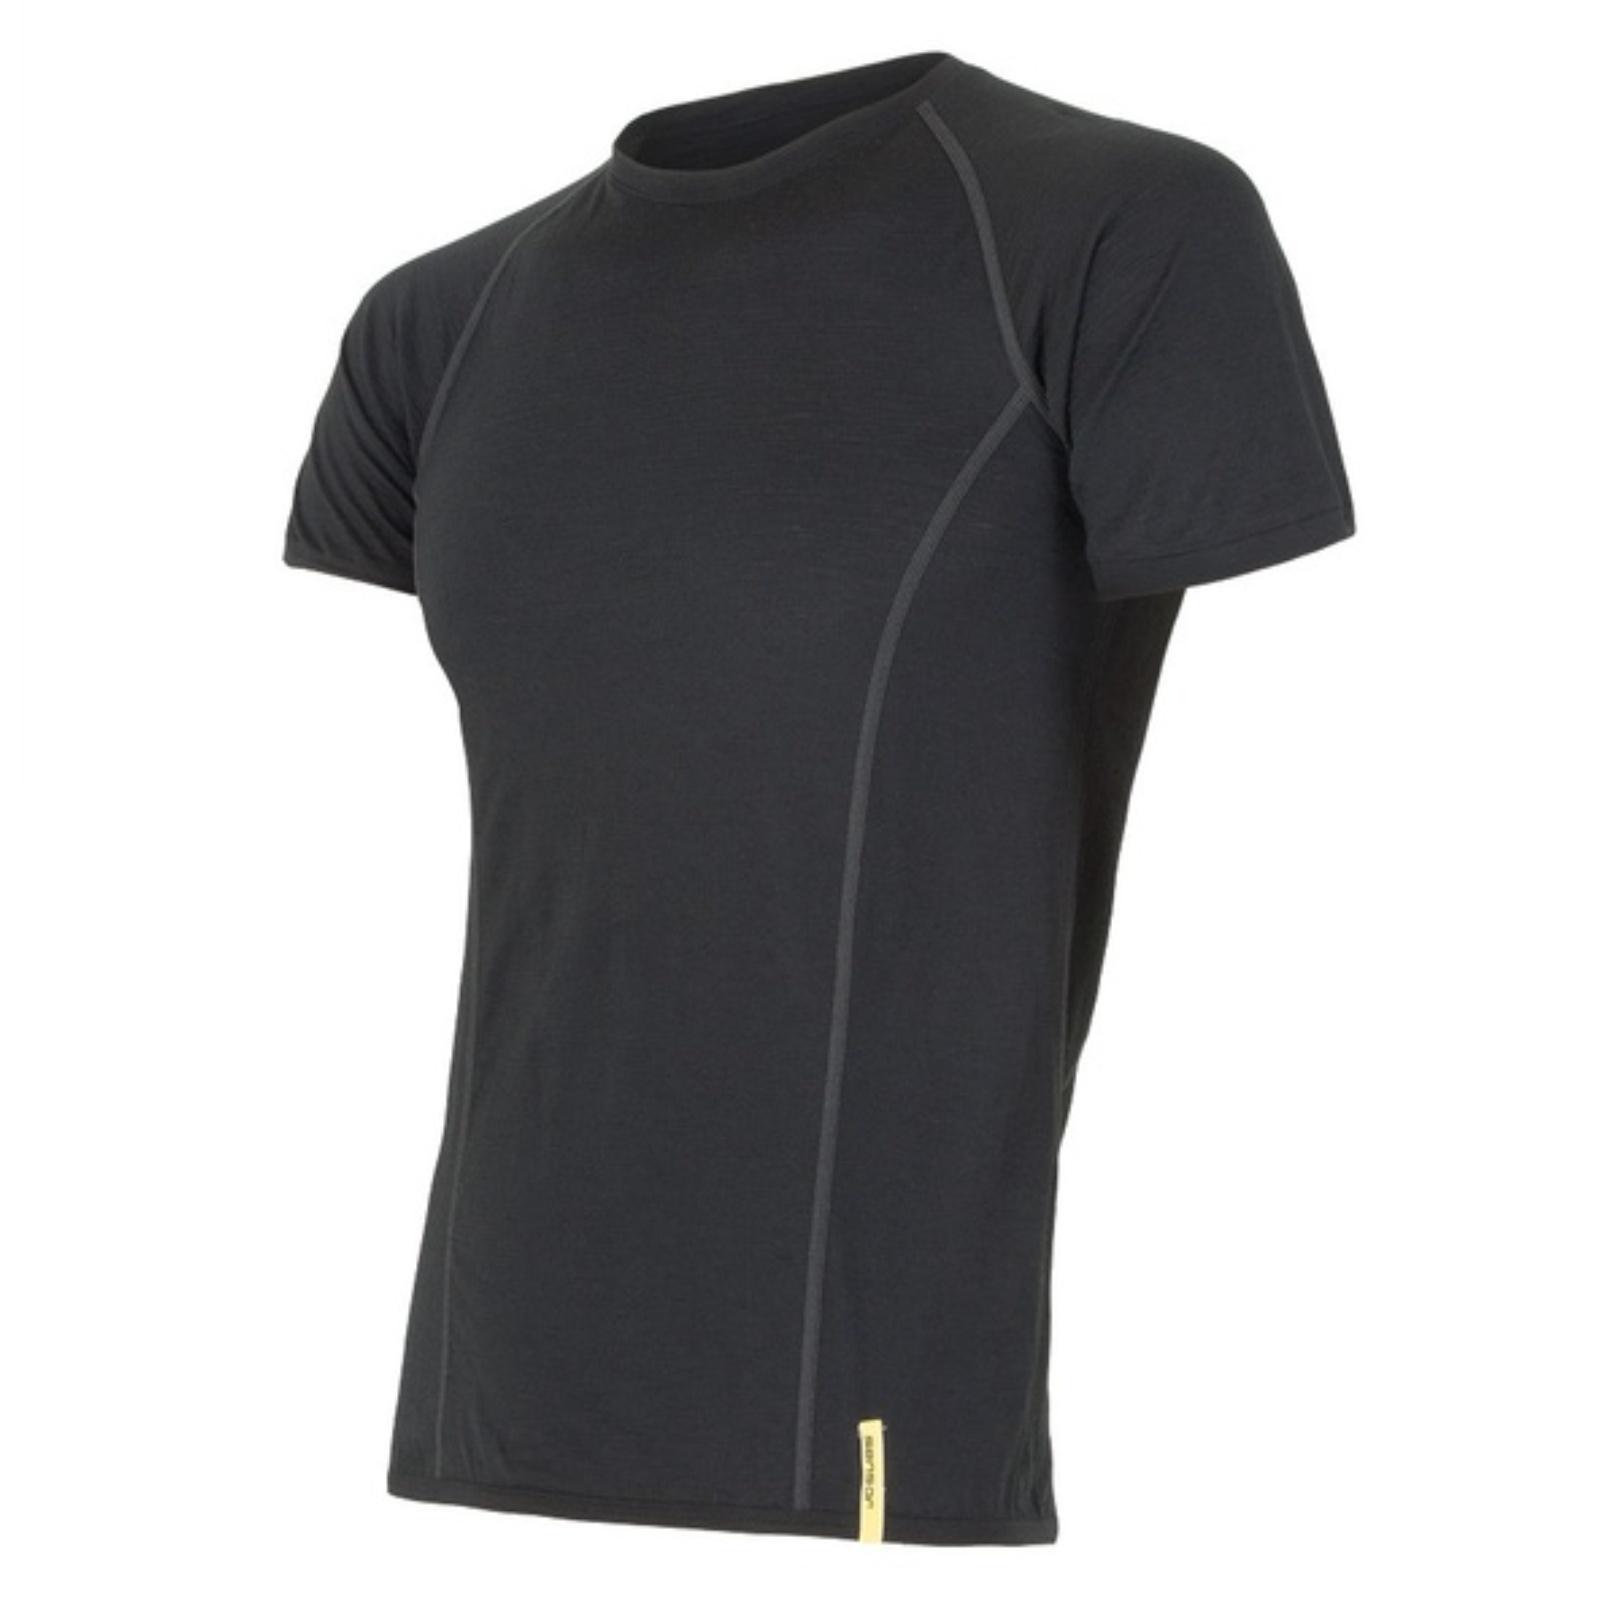 Tričko krátky rukáv SENSOR Merino Wool pánske čierne